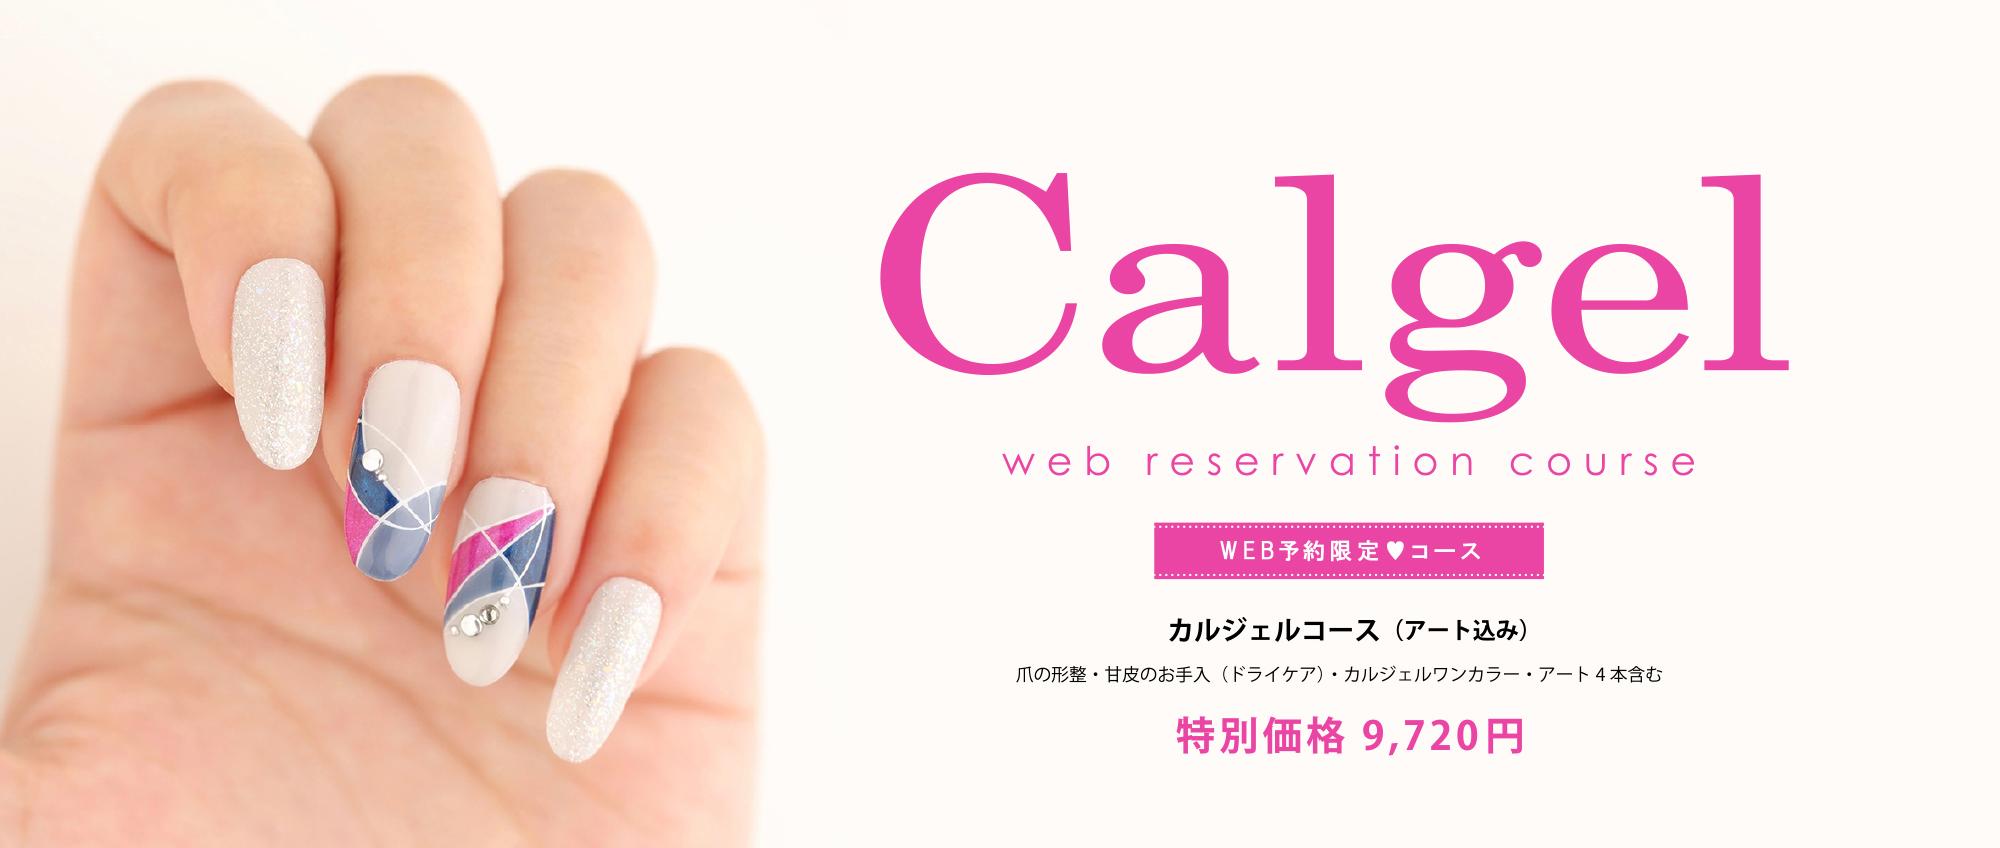 青山のネイルサロン VINGT NAIL カルジェル(calgel)web予約限定コース